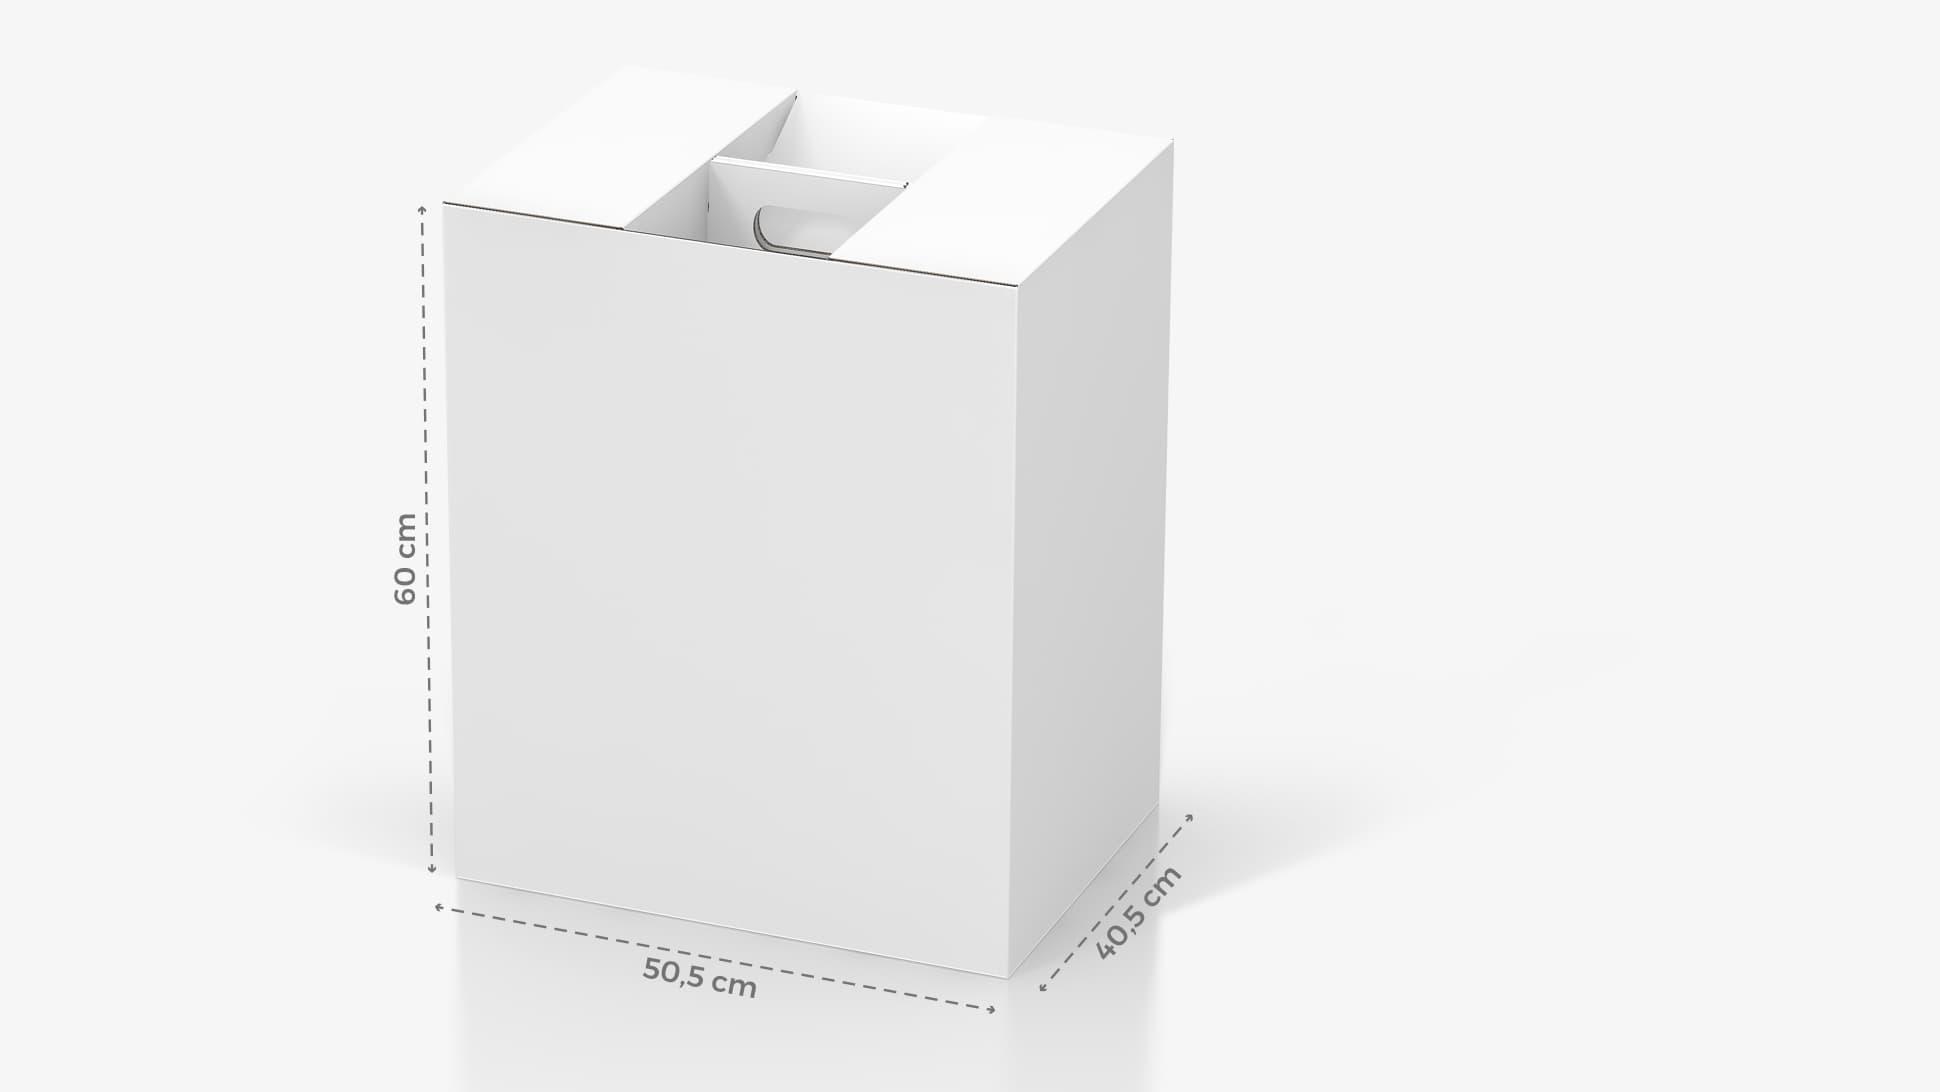 Portabottiglie in cartone 50,5x60 cm personalizzabile | tictac.it